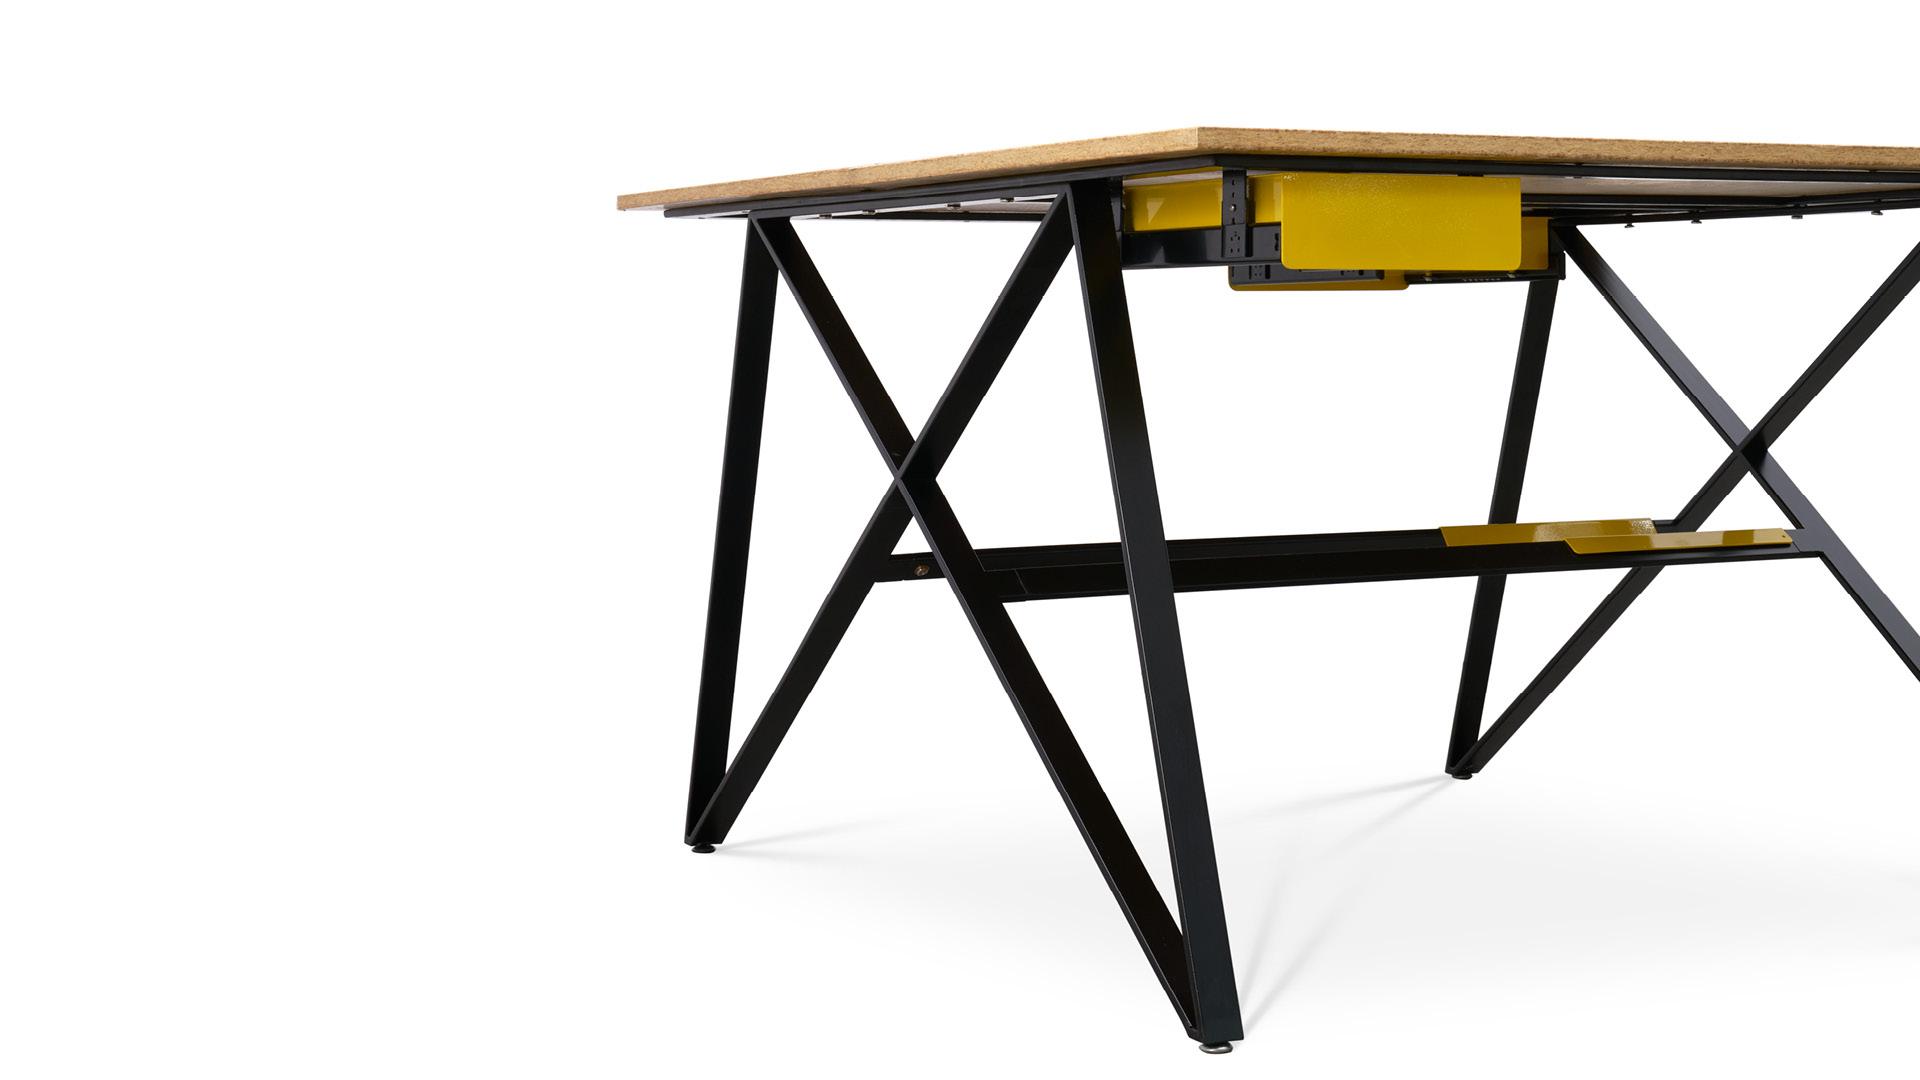 工业聚地的钢筋结构,以及工业象征符号的螺母,赋予了这款办公桌最大的设计特色——X形交叉桌腿,区别传统垂直腿,它昭示了无限、完美、极致的先锋工业态度。